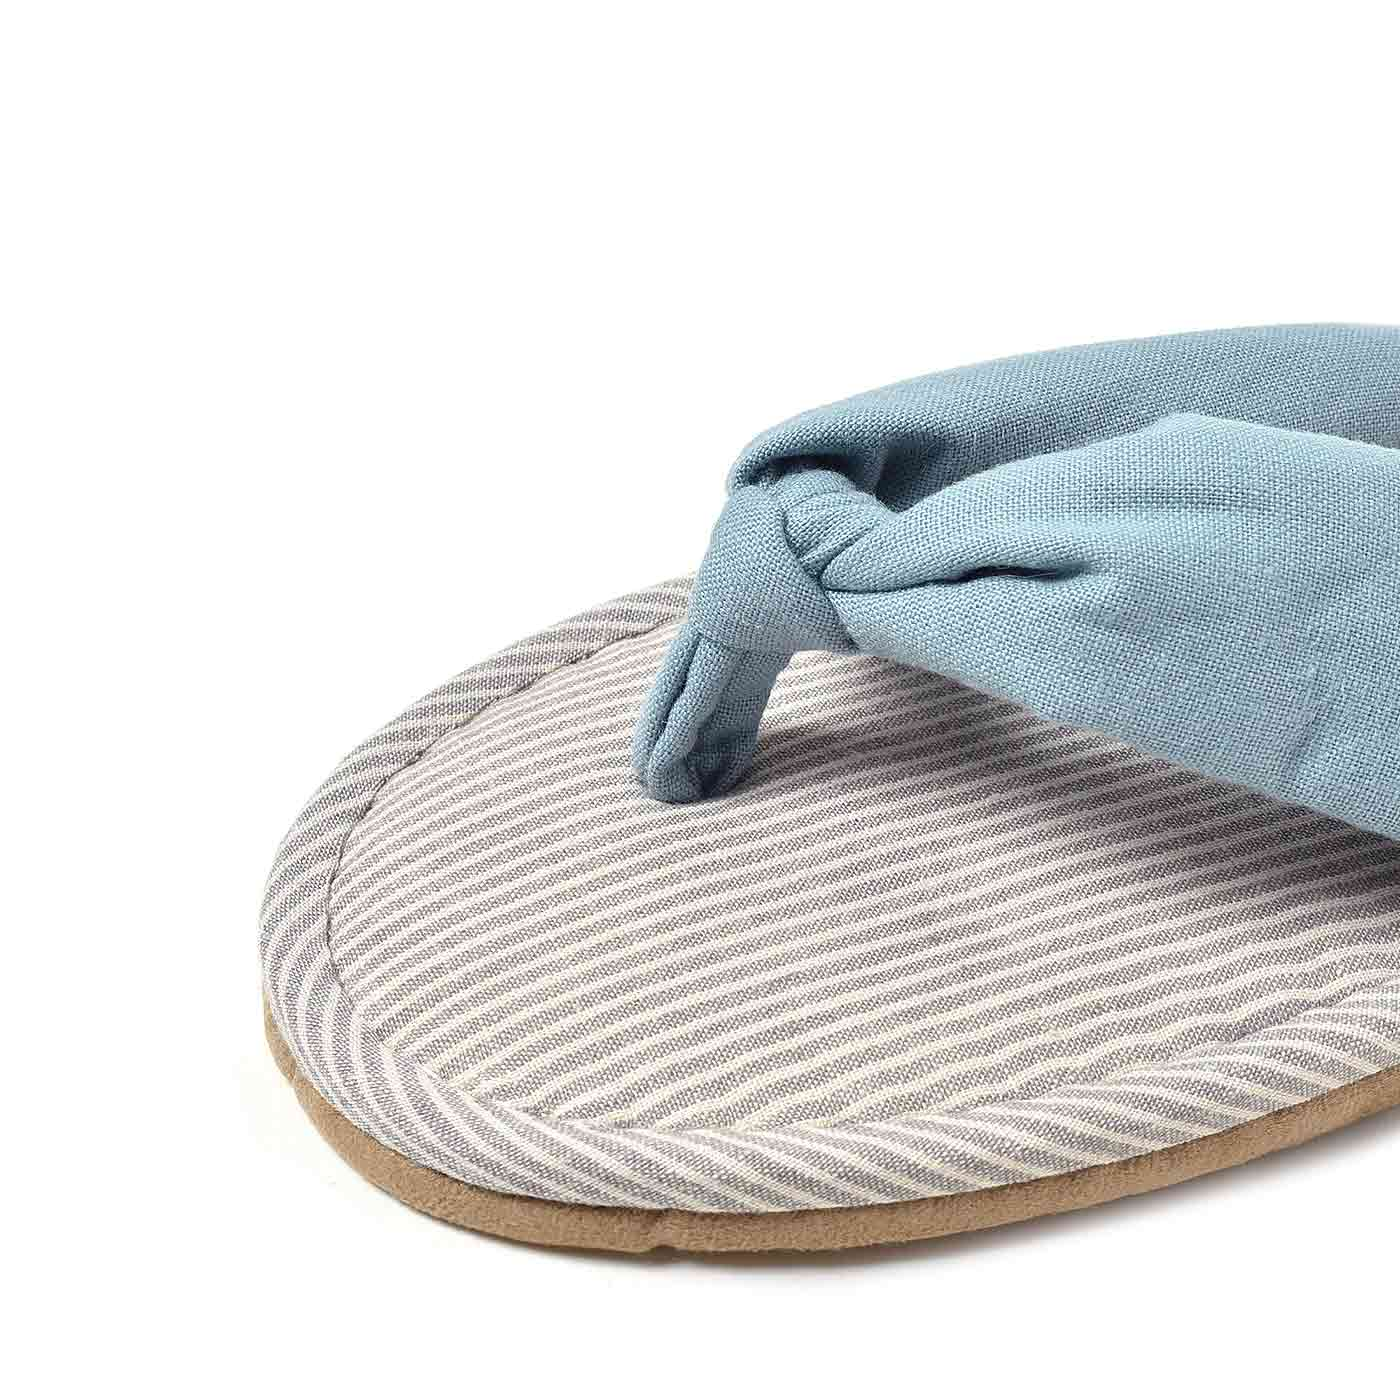 足にふれるソールも鼻緒も気持ちいい綿麻混素材。